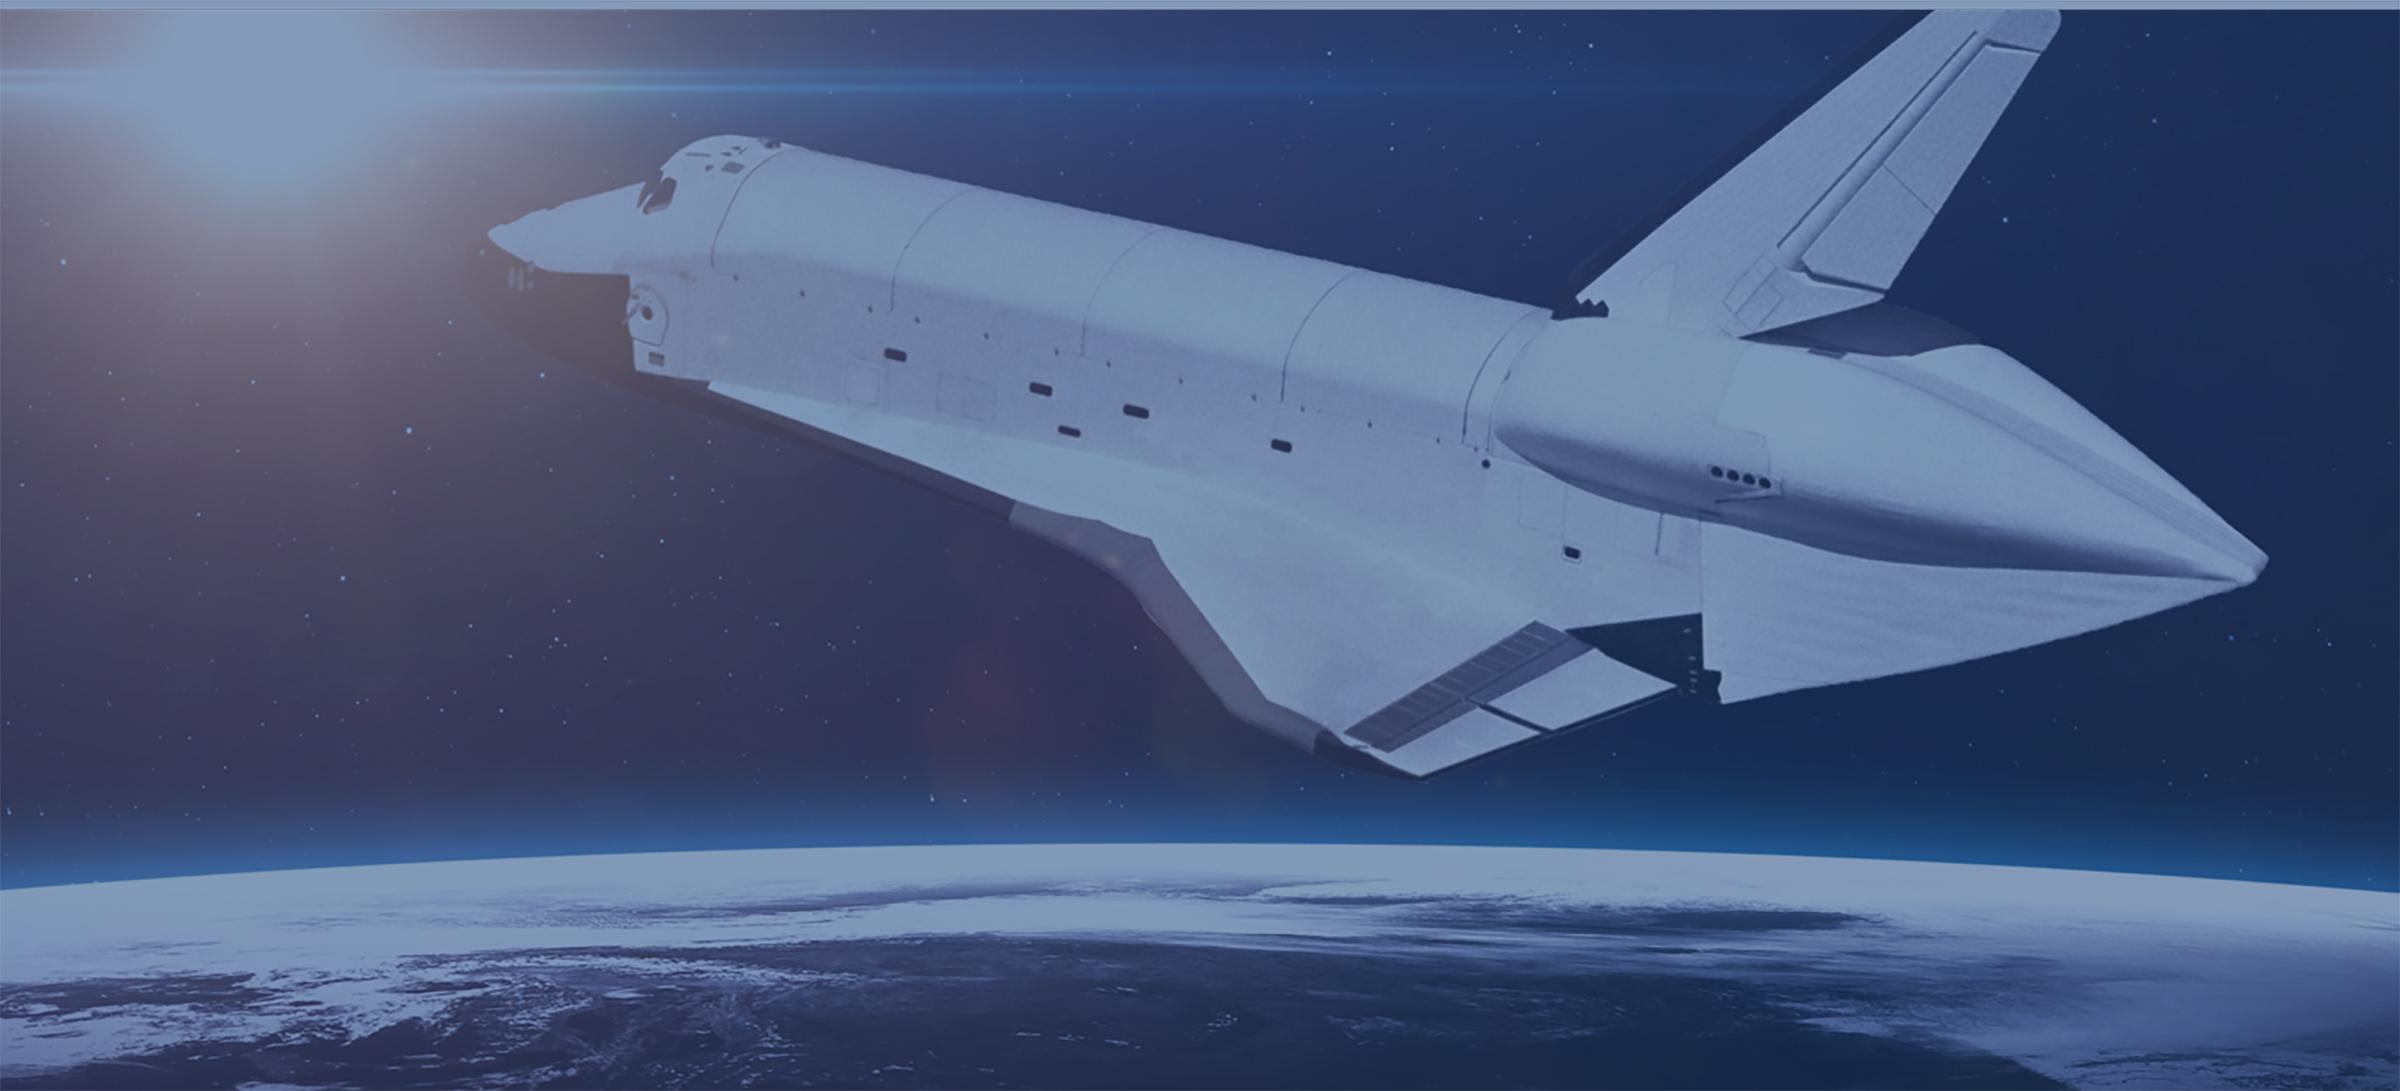 Shuttle Slider